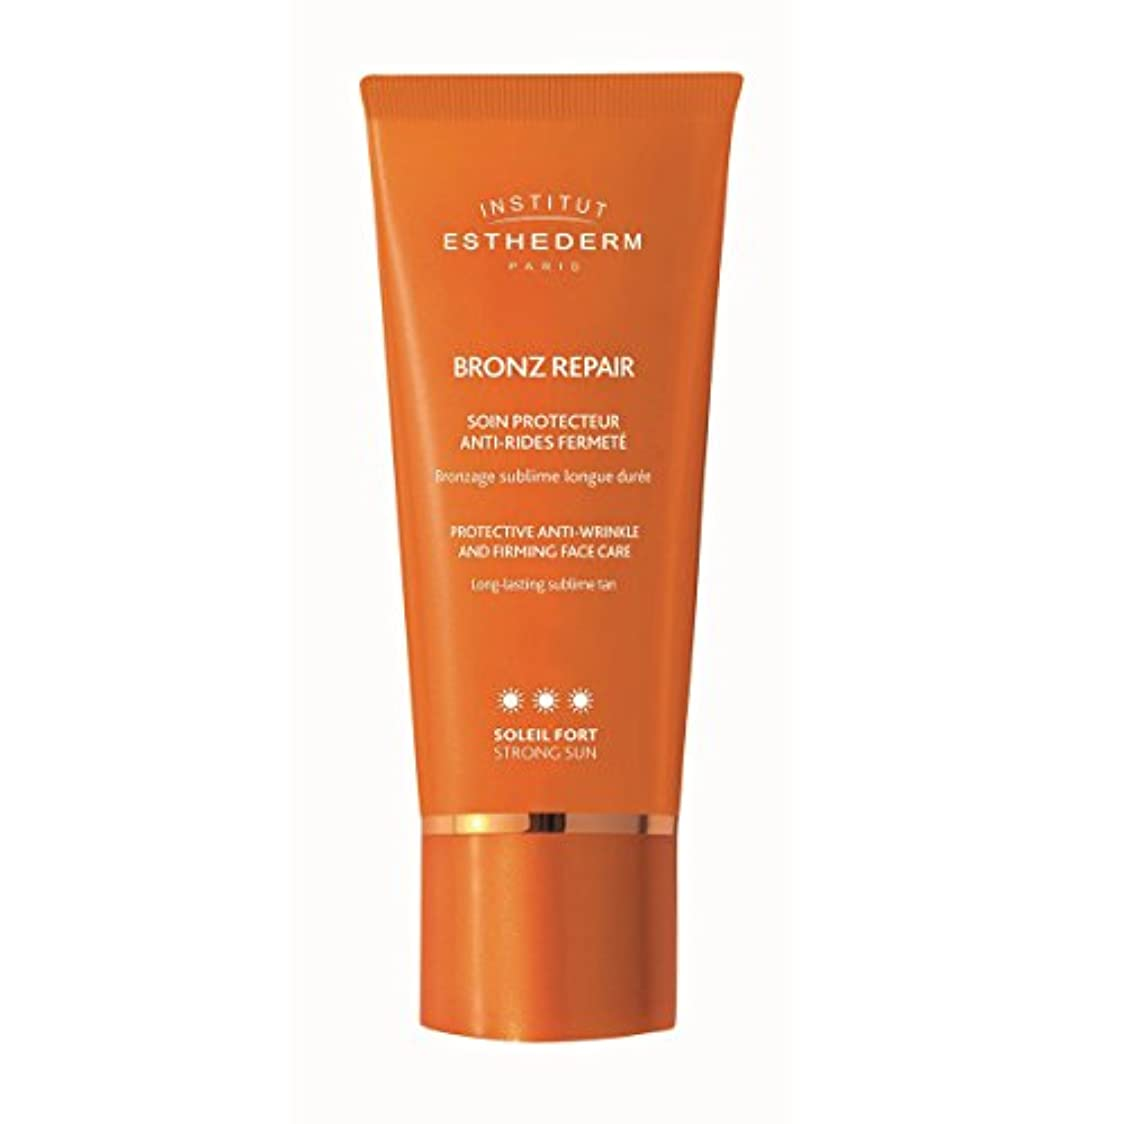 訪問夜首Institut Esthederm Bronz Repair Protective Anti-wrinkle And Firming Face Care Strong Sun 50ml [並行輸入品]